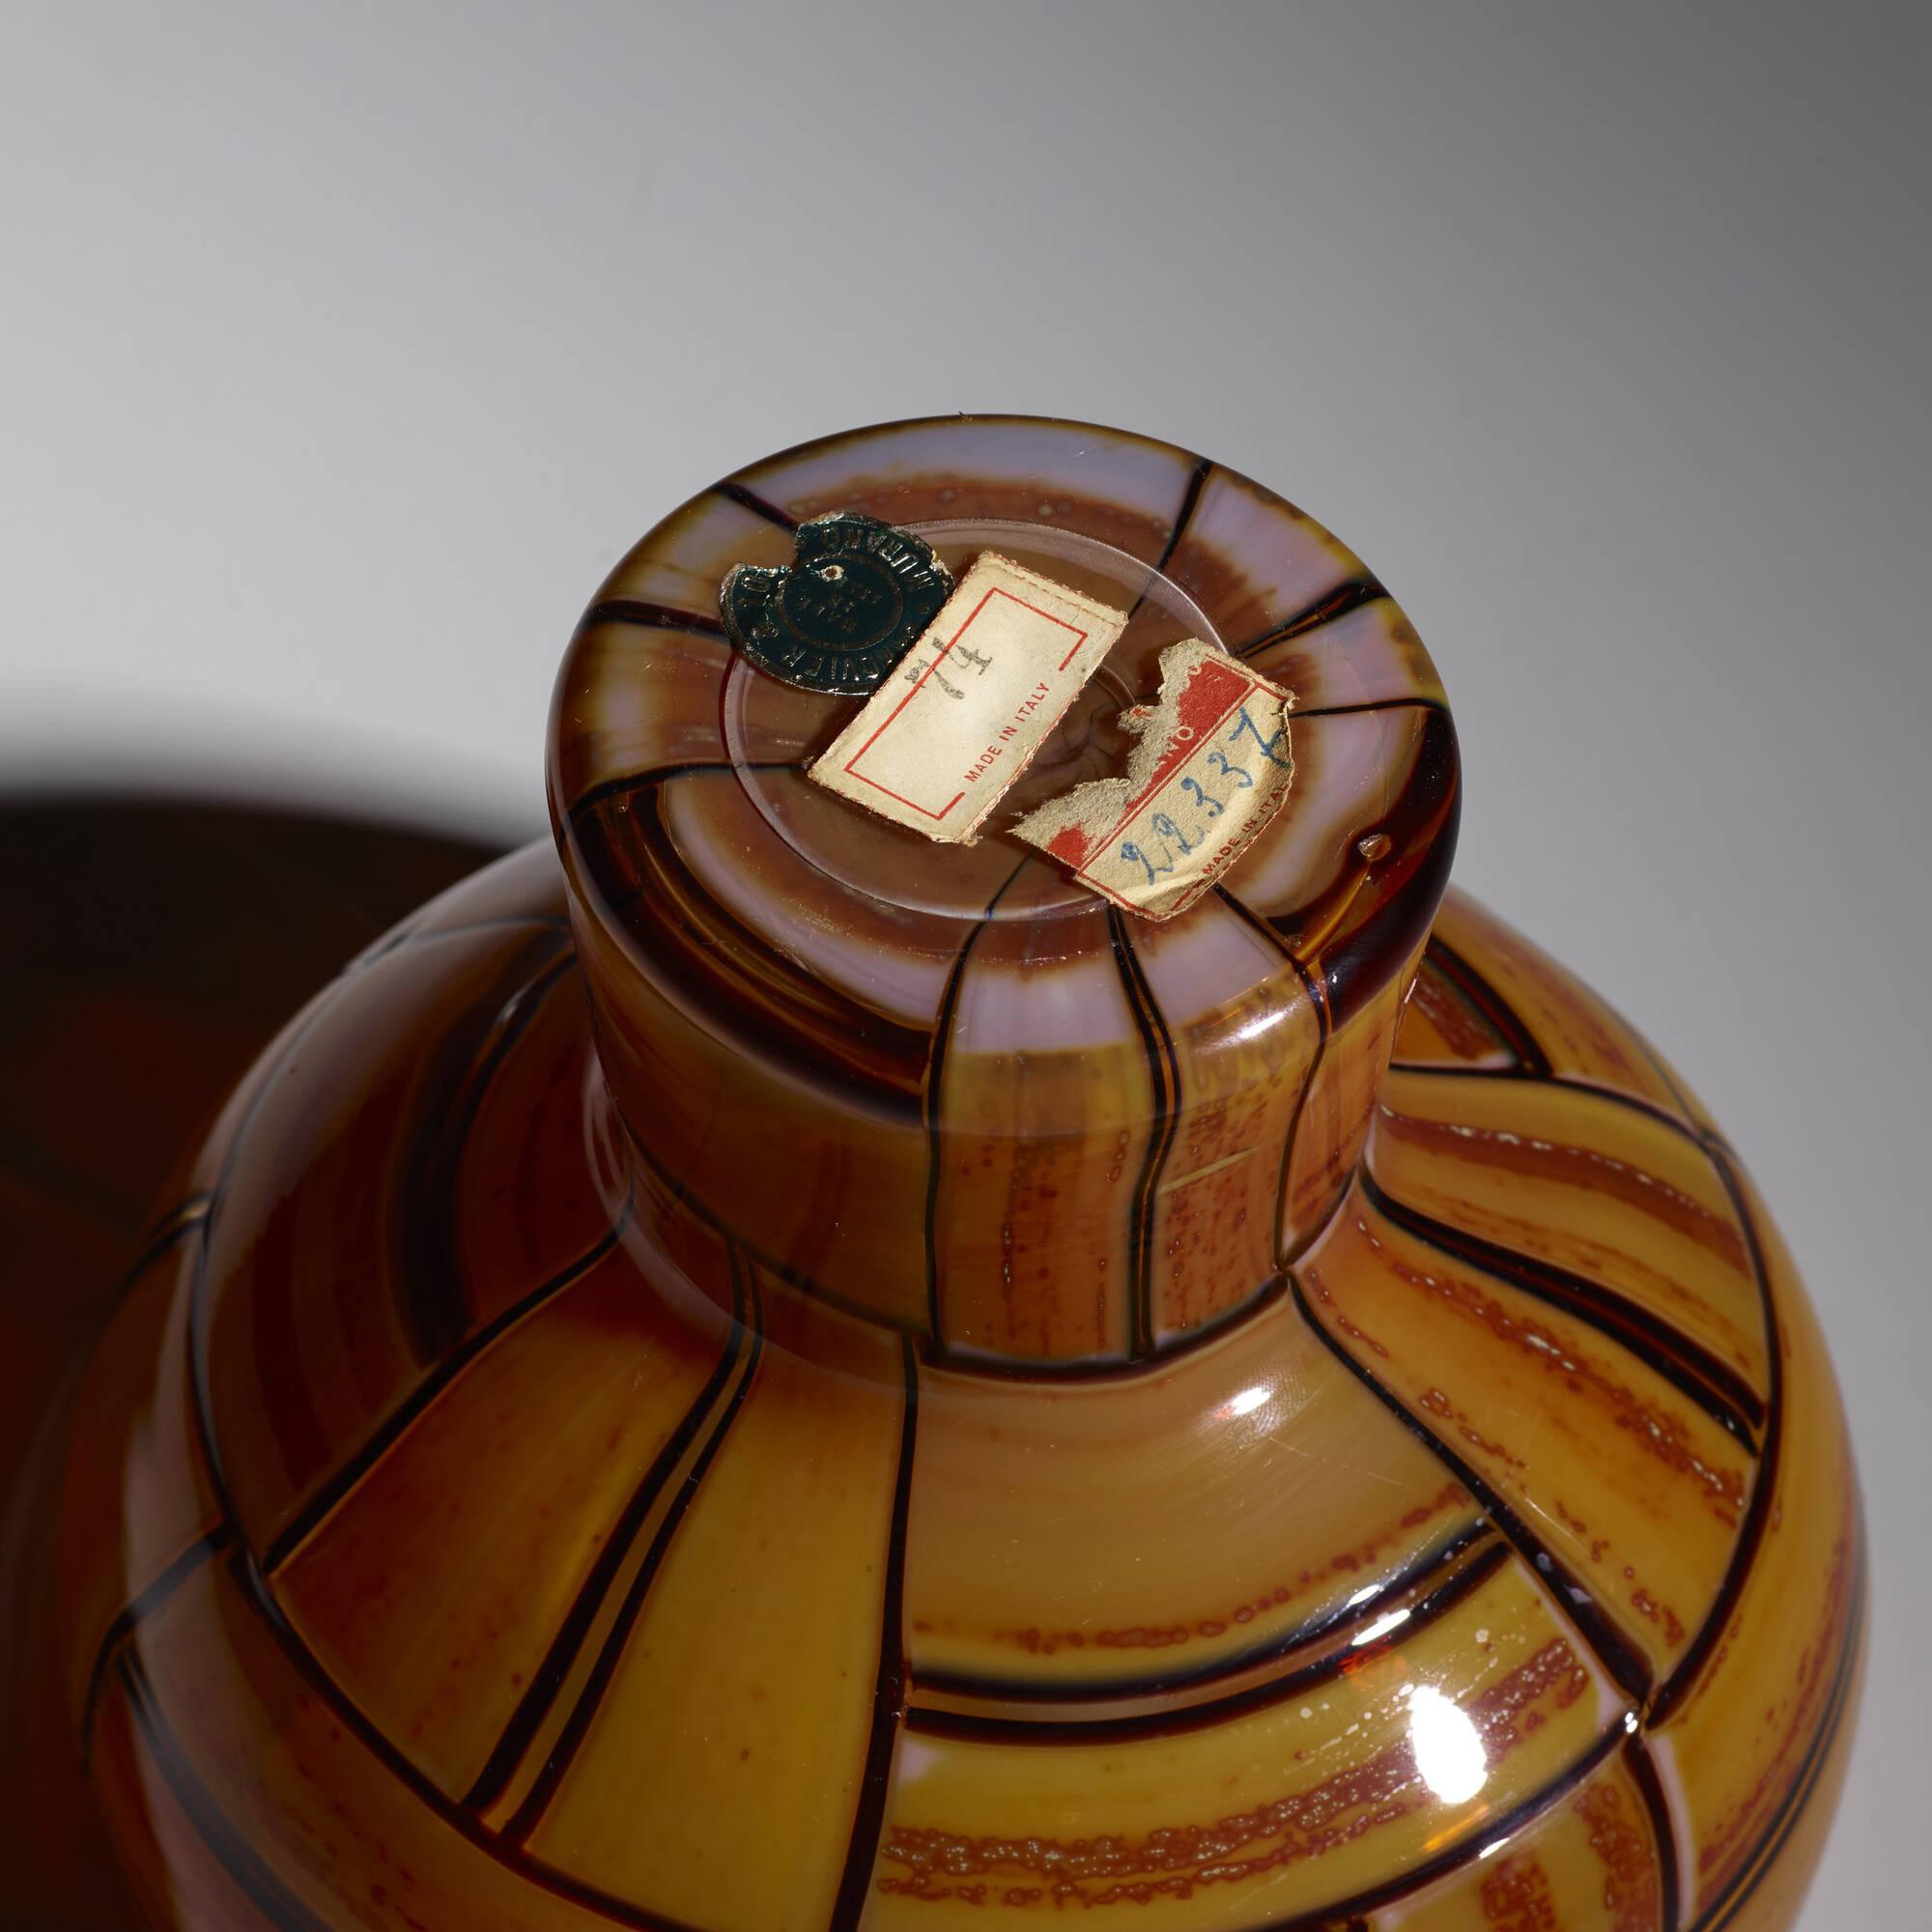 37: Ercole Barovier / Tessere Ambra vase (5 of 5)